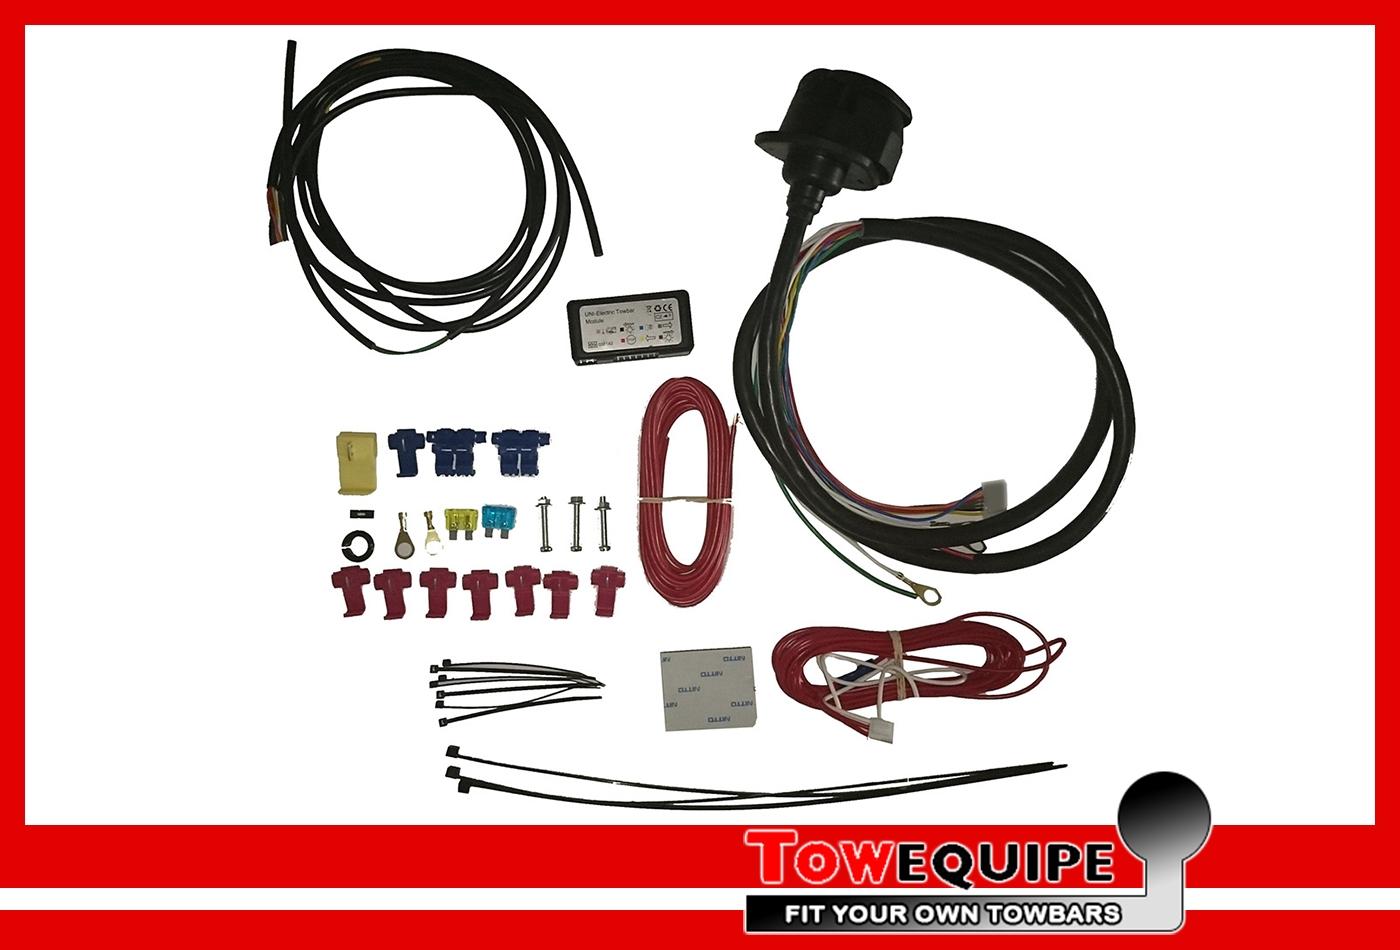 anh ngerkupplung kabelsatz 13 polig c2 universell elektrosatz c2 modul. Black Bedroom Furniture Sets. Home Design Ideas